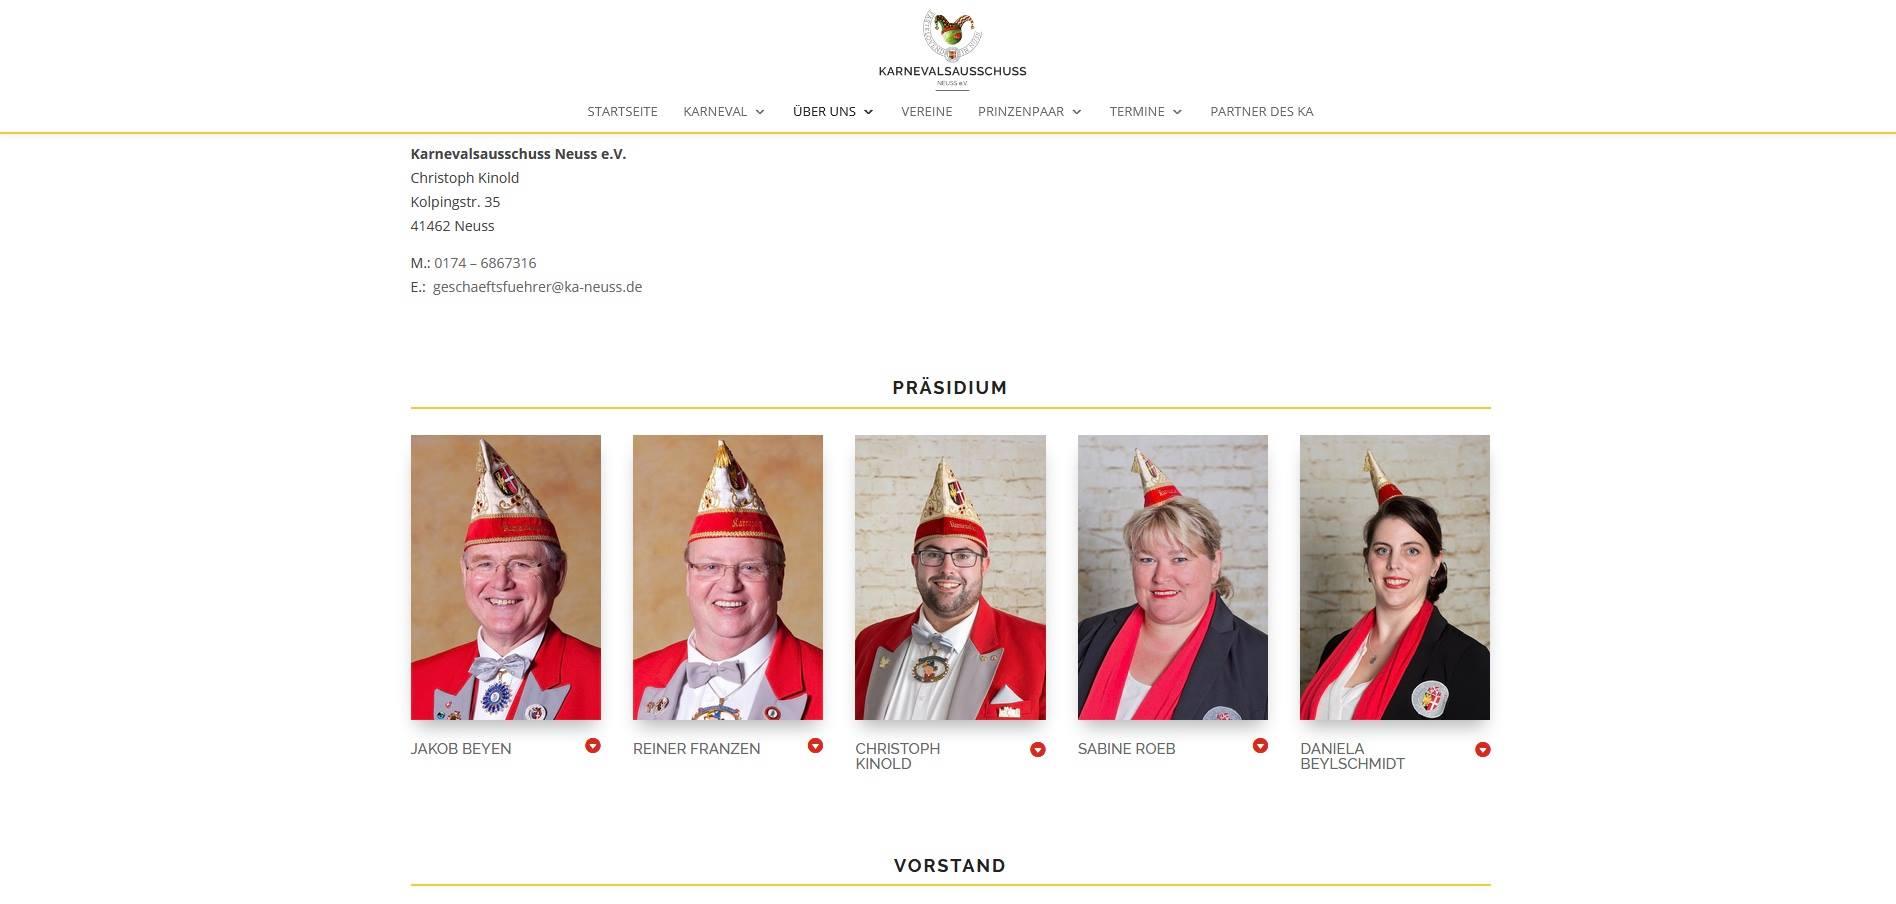 """Screenshot der Seite """"Präsidium"""" mit Bildern und Kontaktdaten zu den entsprechenden Personen von www.ka-neuss.de"""